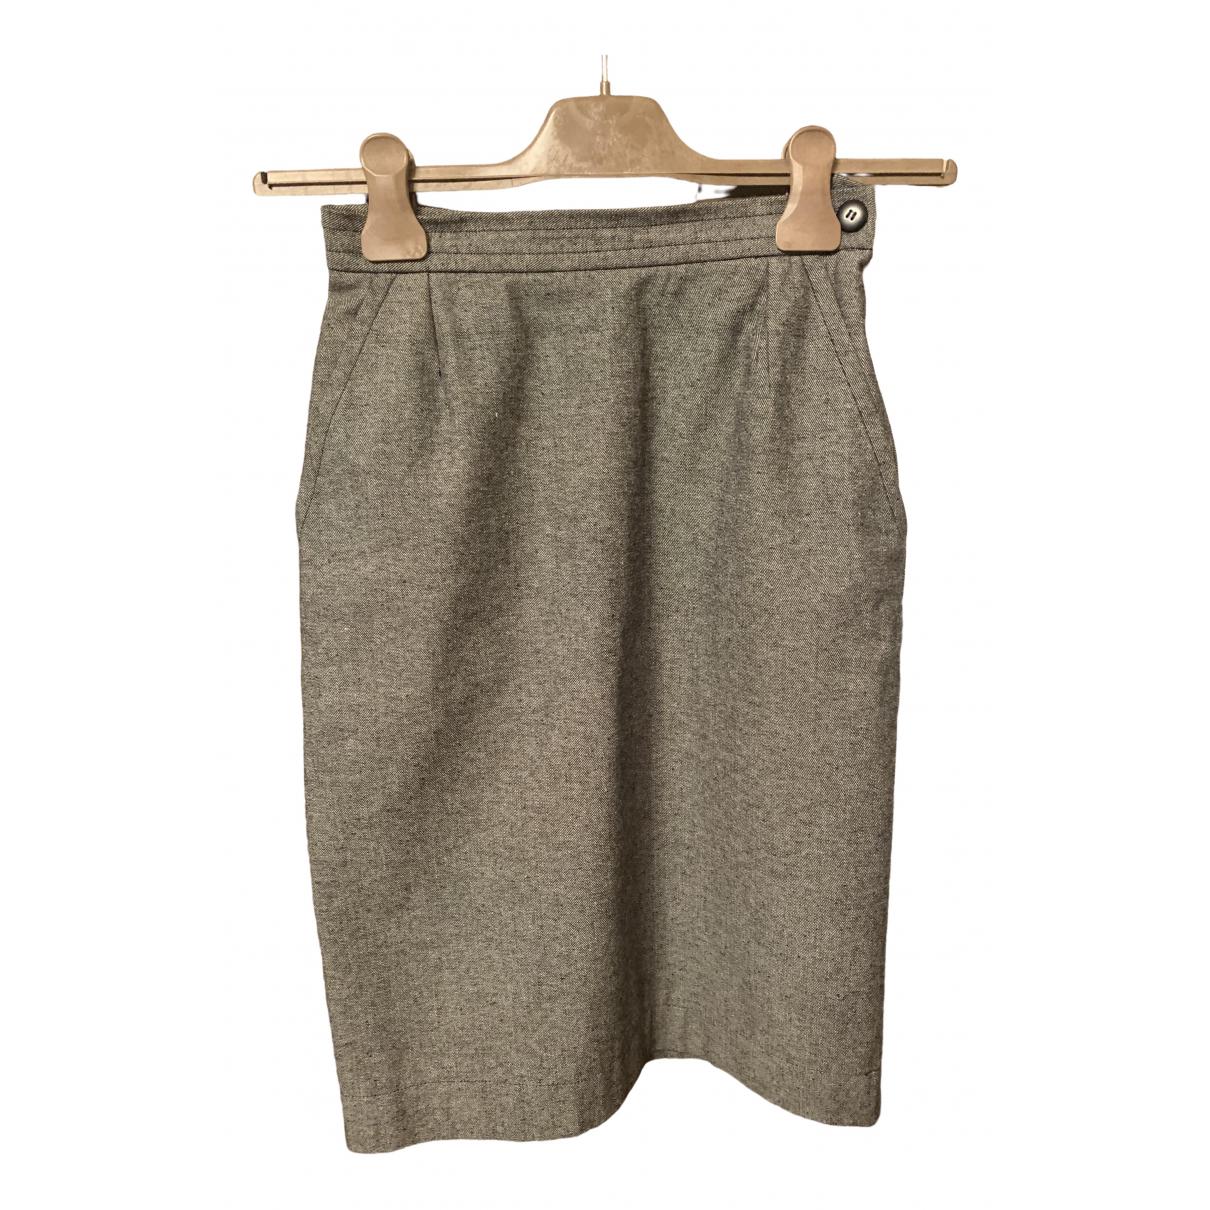 Yves Saint Laurent \N Grey Denim - Jeans skirt for Women 36 FR